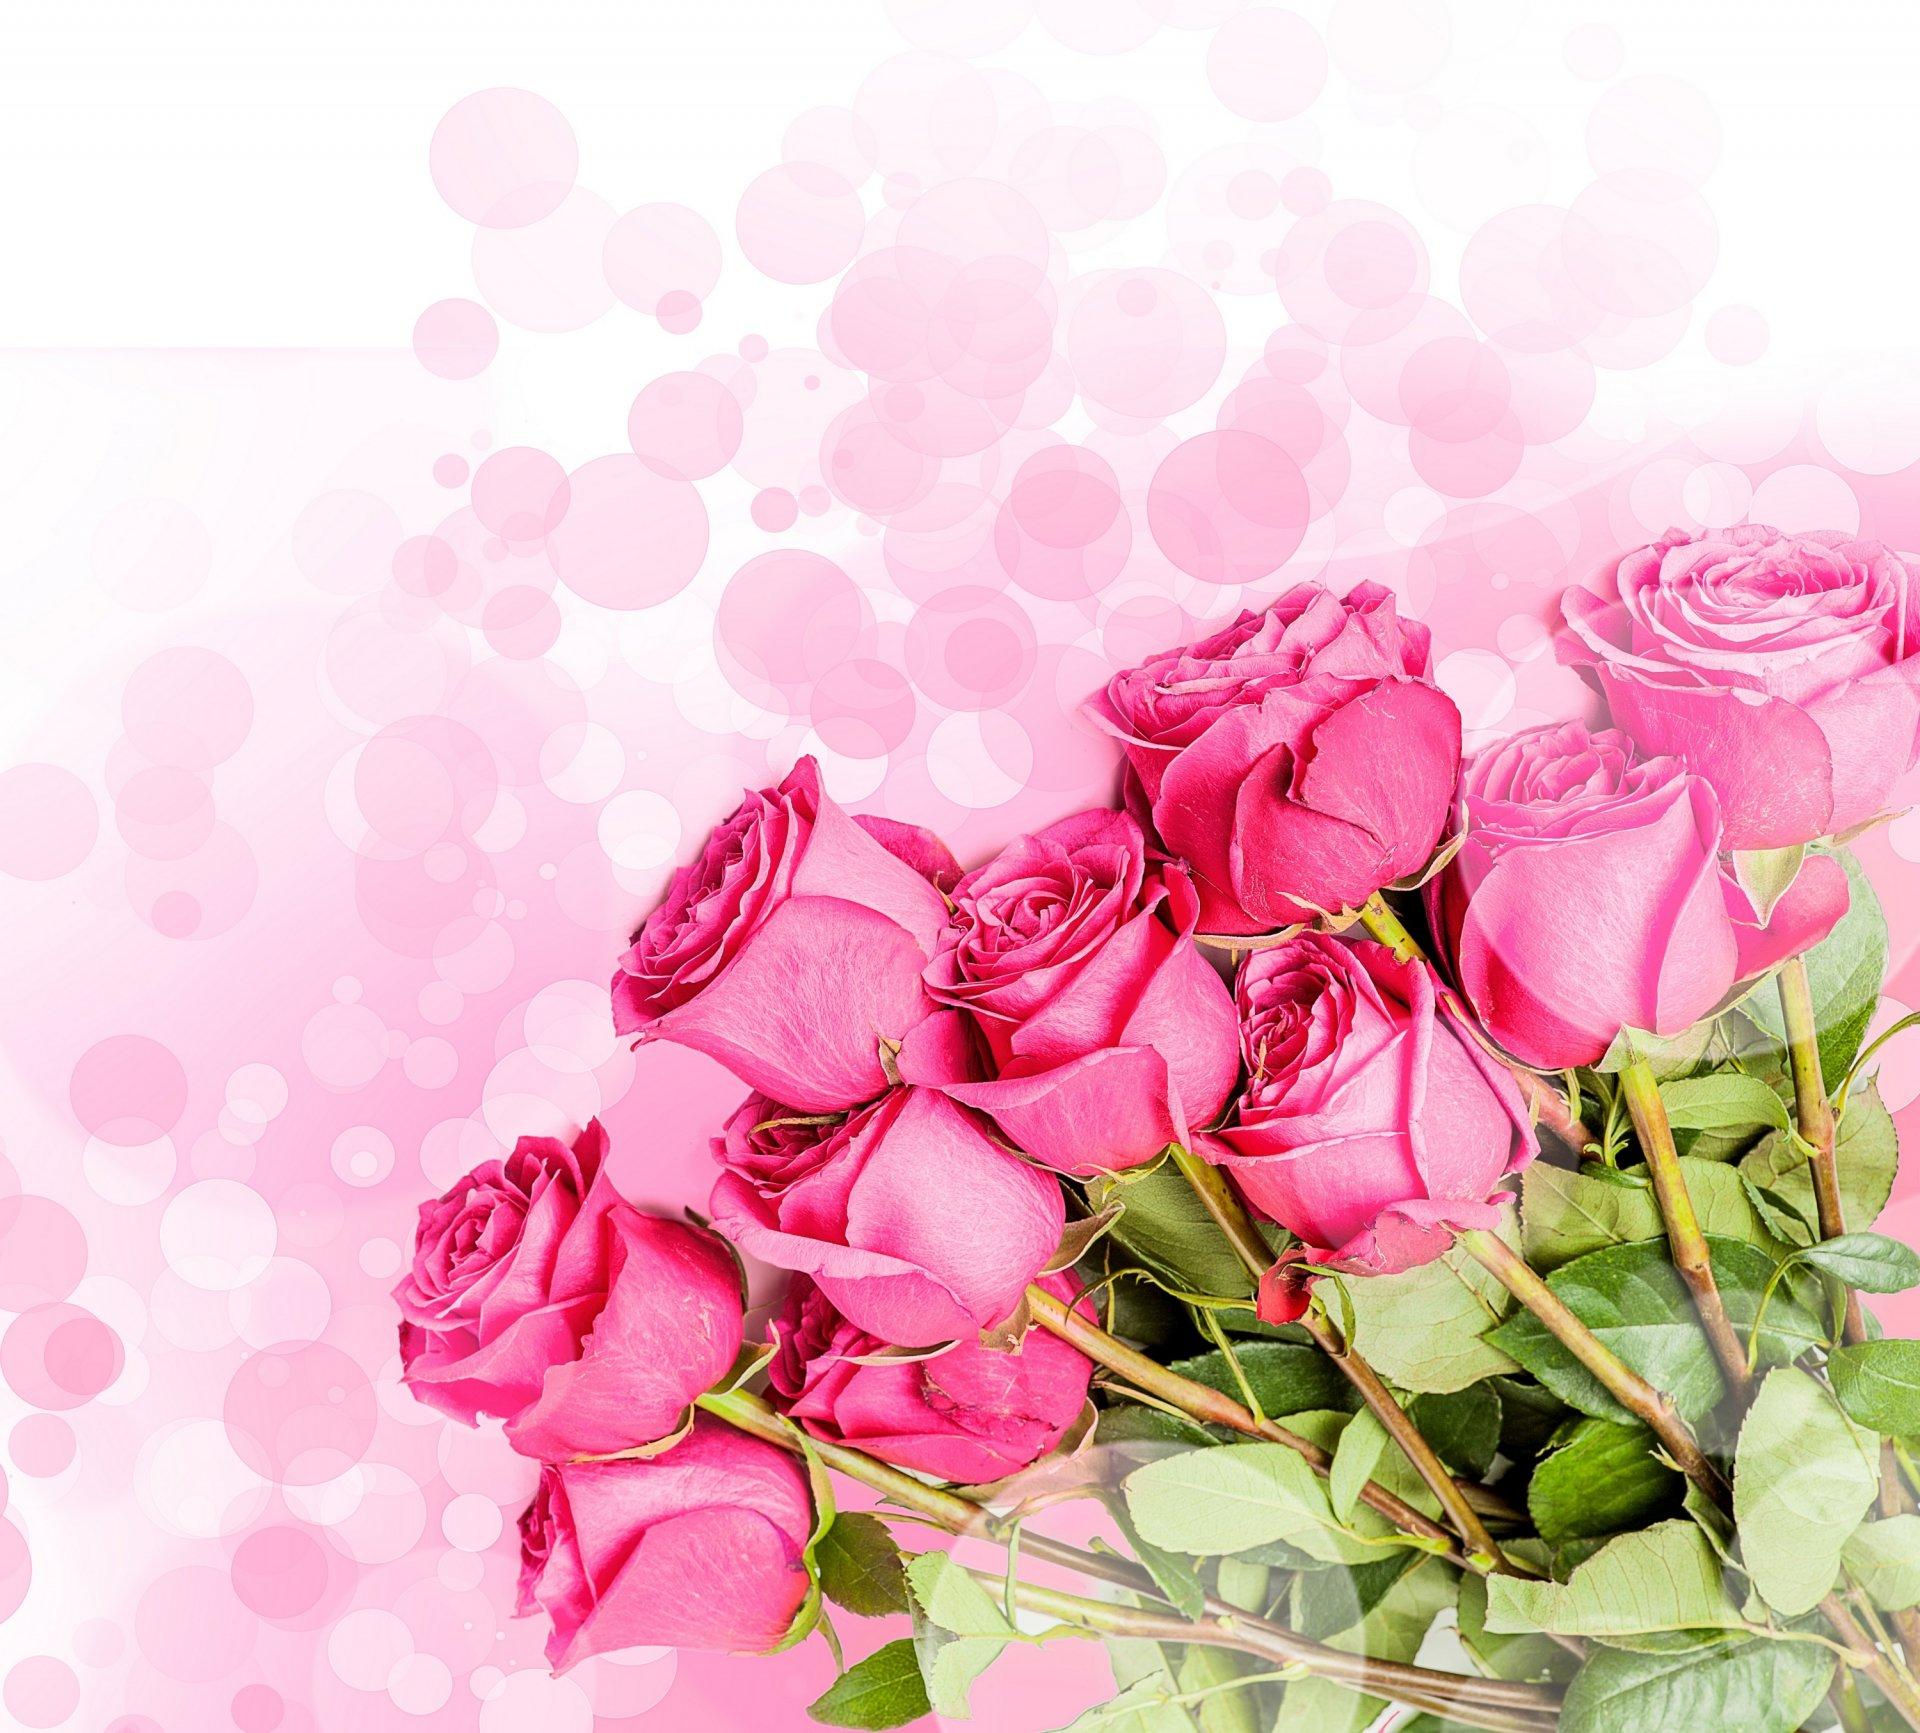 Цветы картинка на открытку, сделать необычную открытку